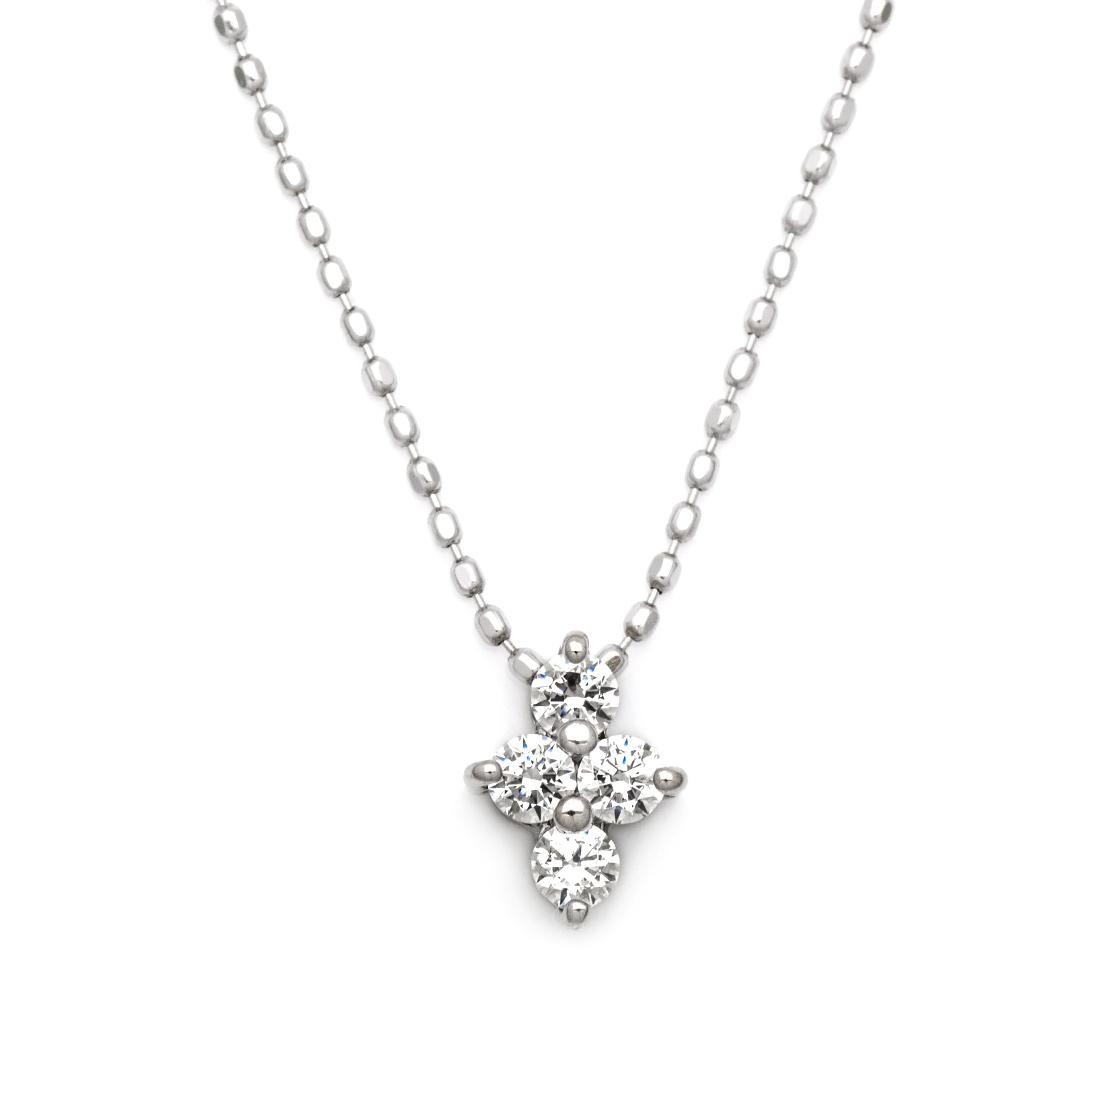 【GWクーポン配布中】ペンダント ダイヤモンド 0.16カラット プラチナ900 カットボールチェーン 送料無料